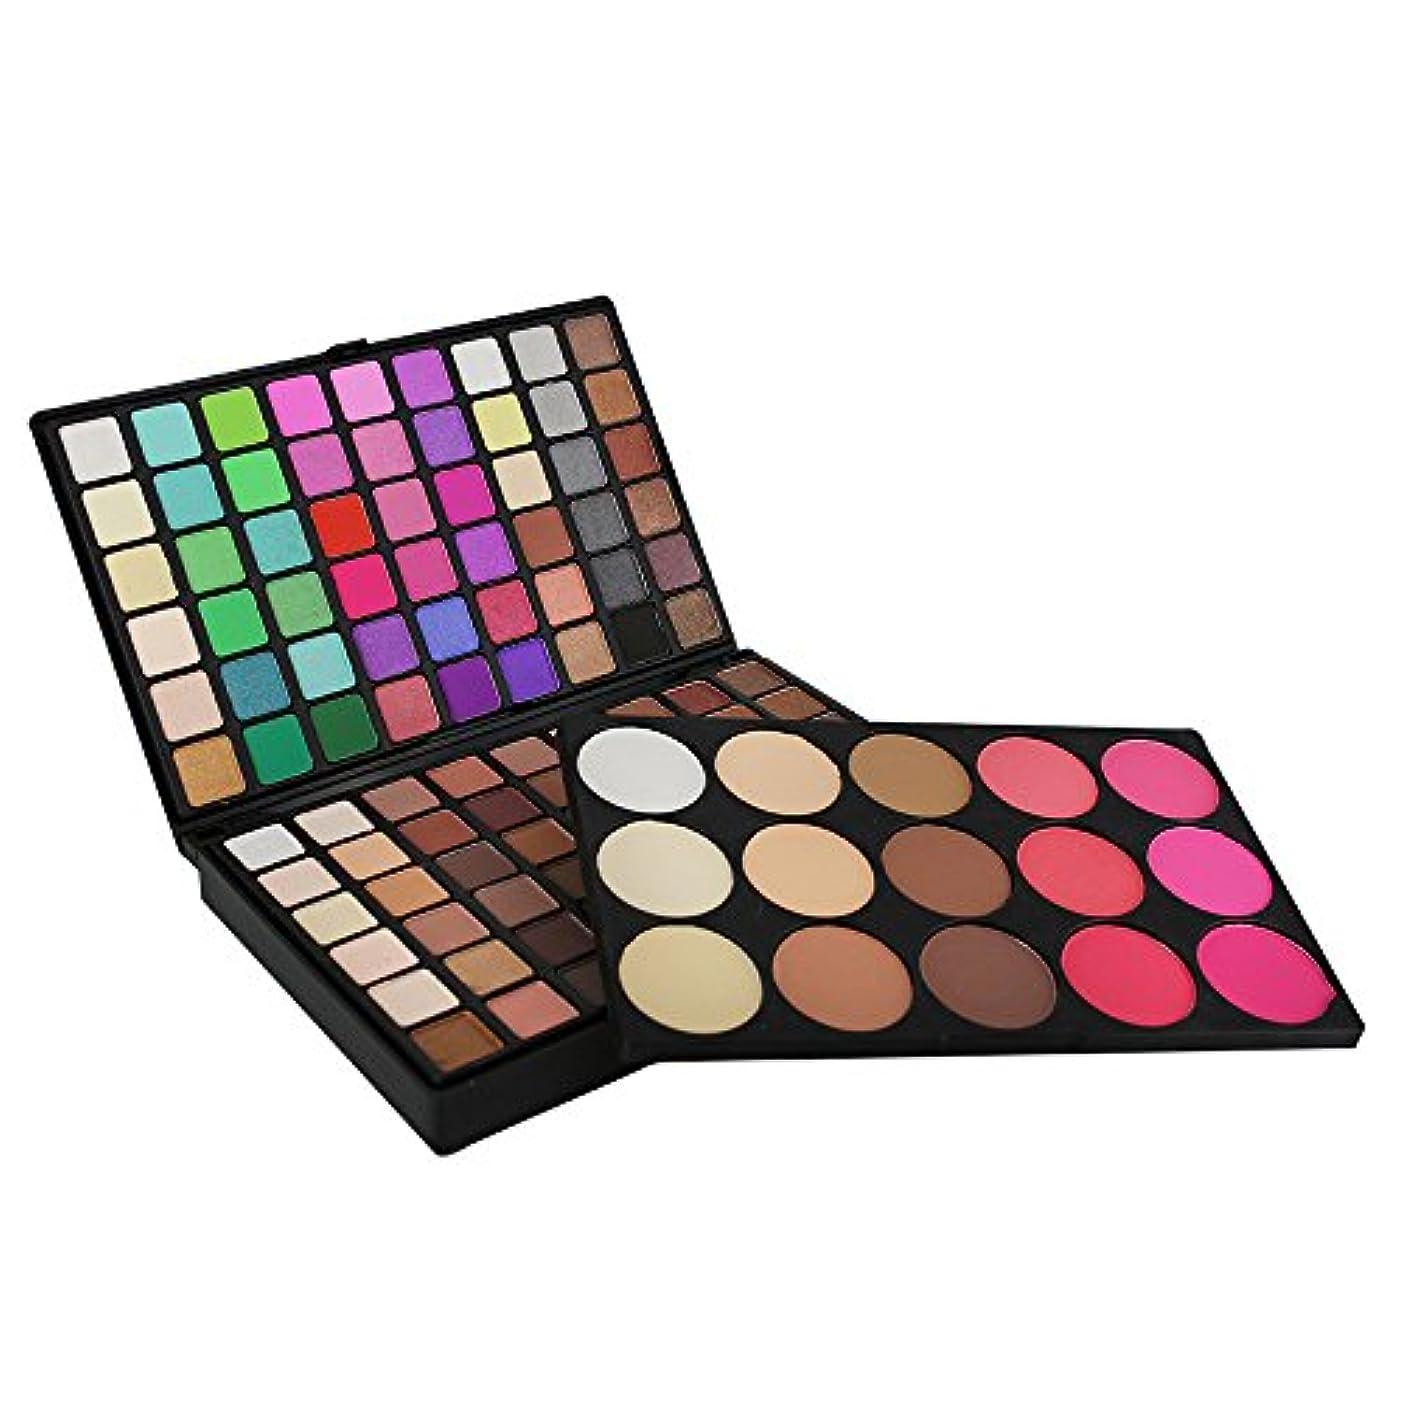 123色化粧品マットアイシャドークリームアイシャドーメイクアップパレットシマーセット